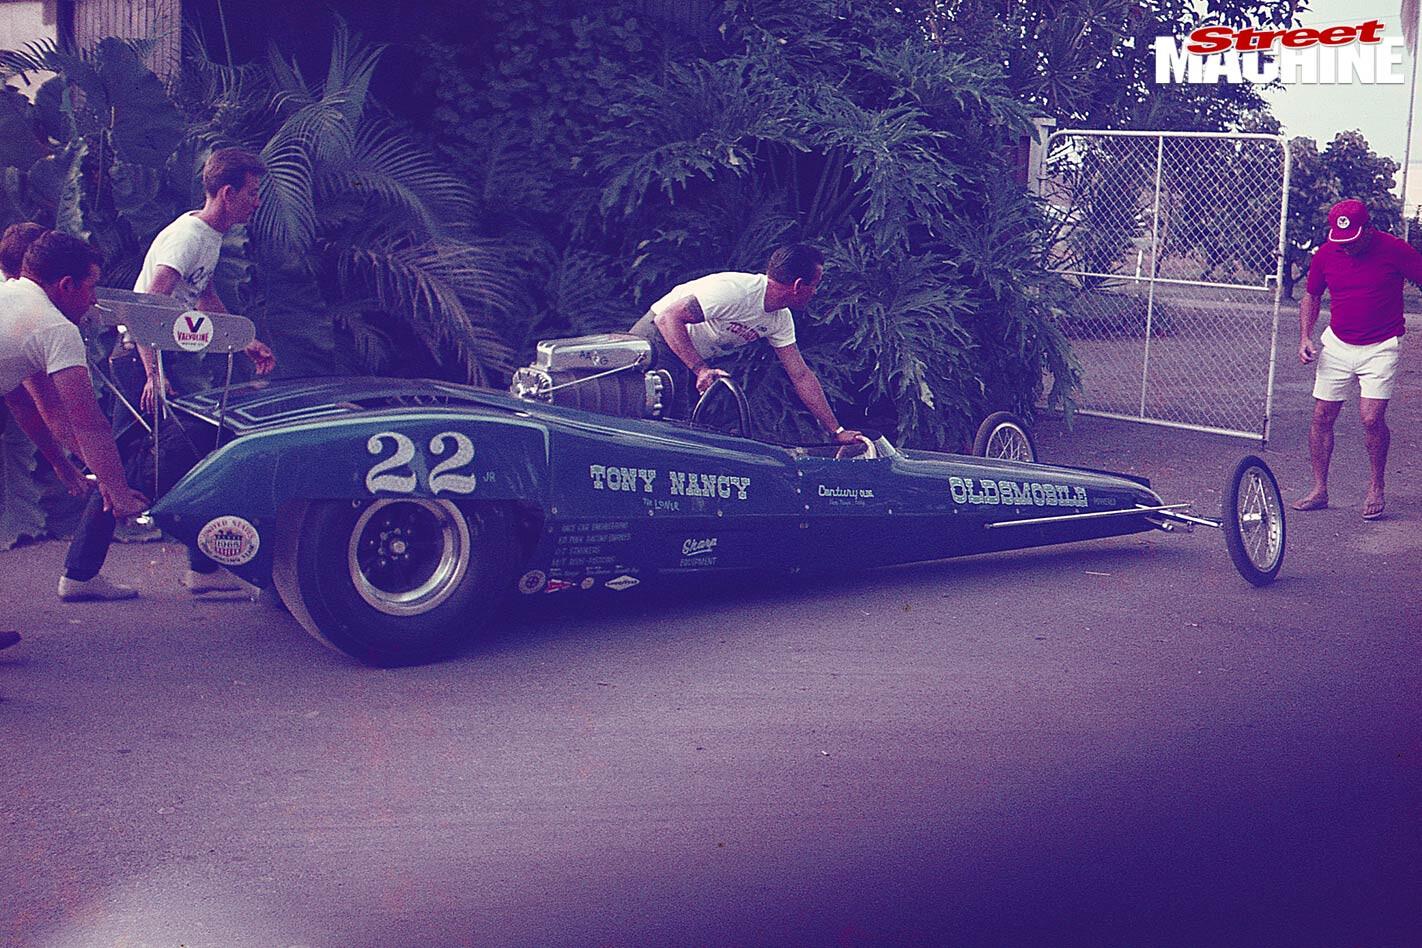 Stomper drag racing